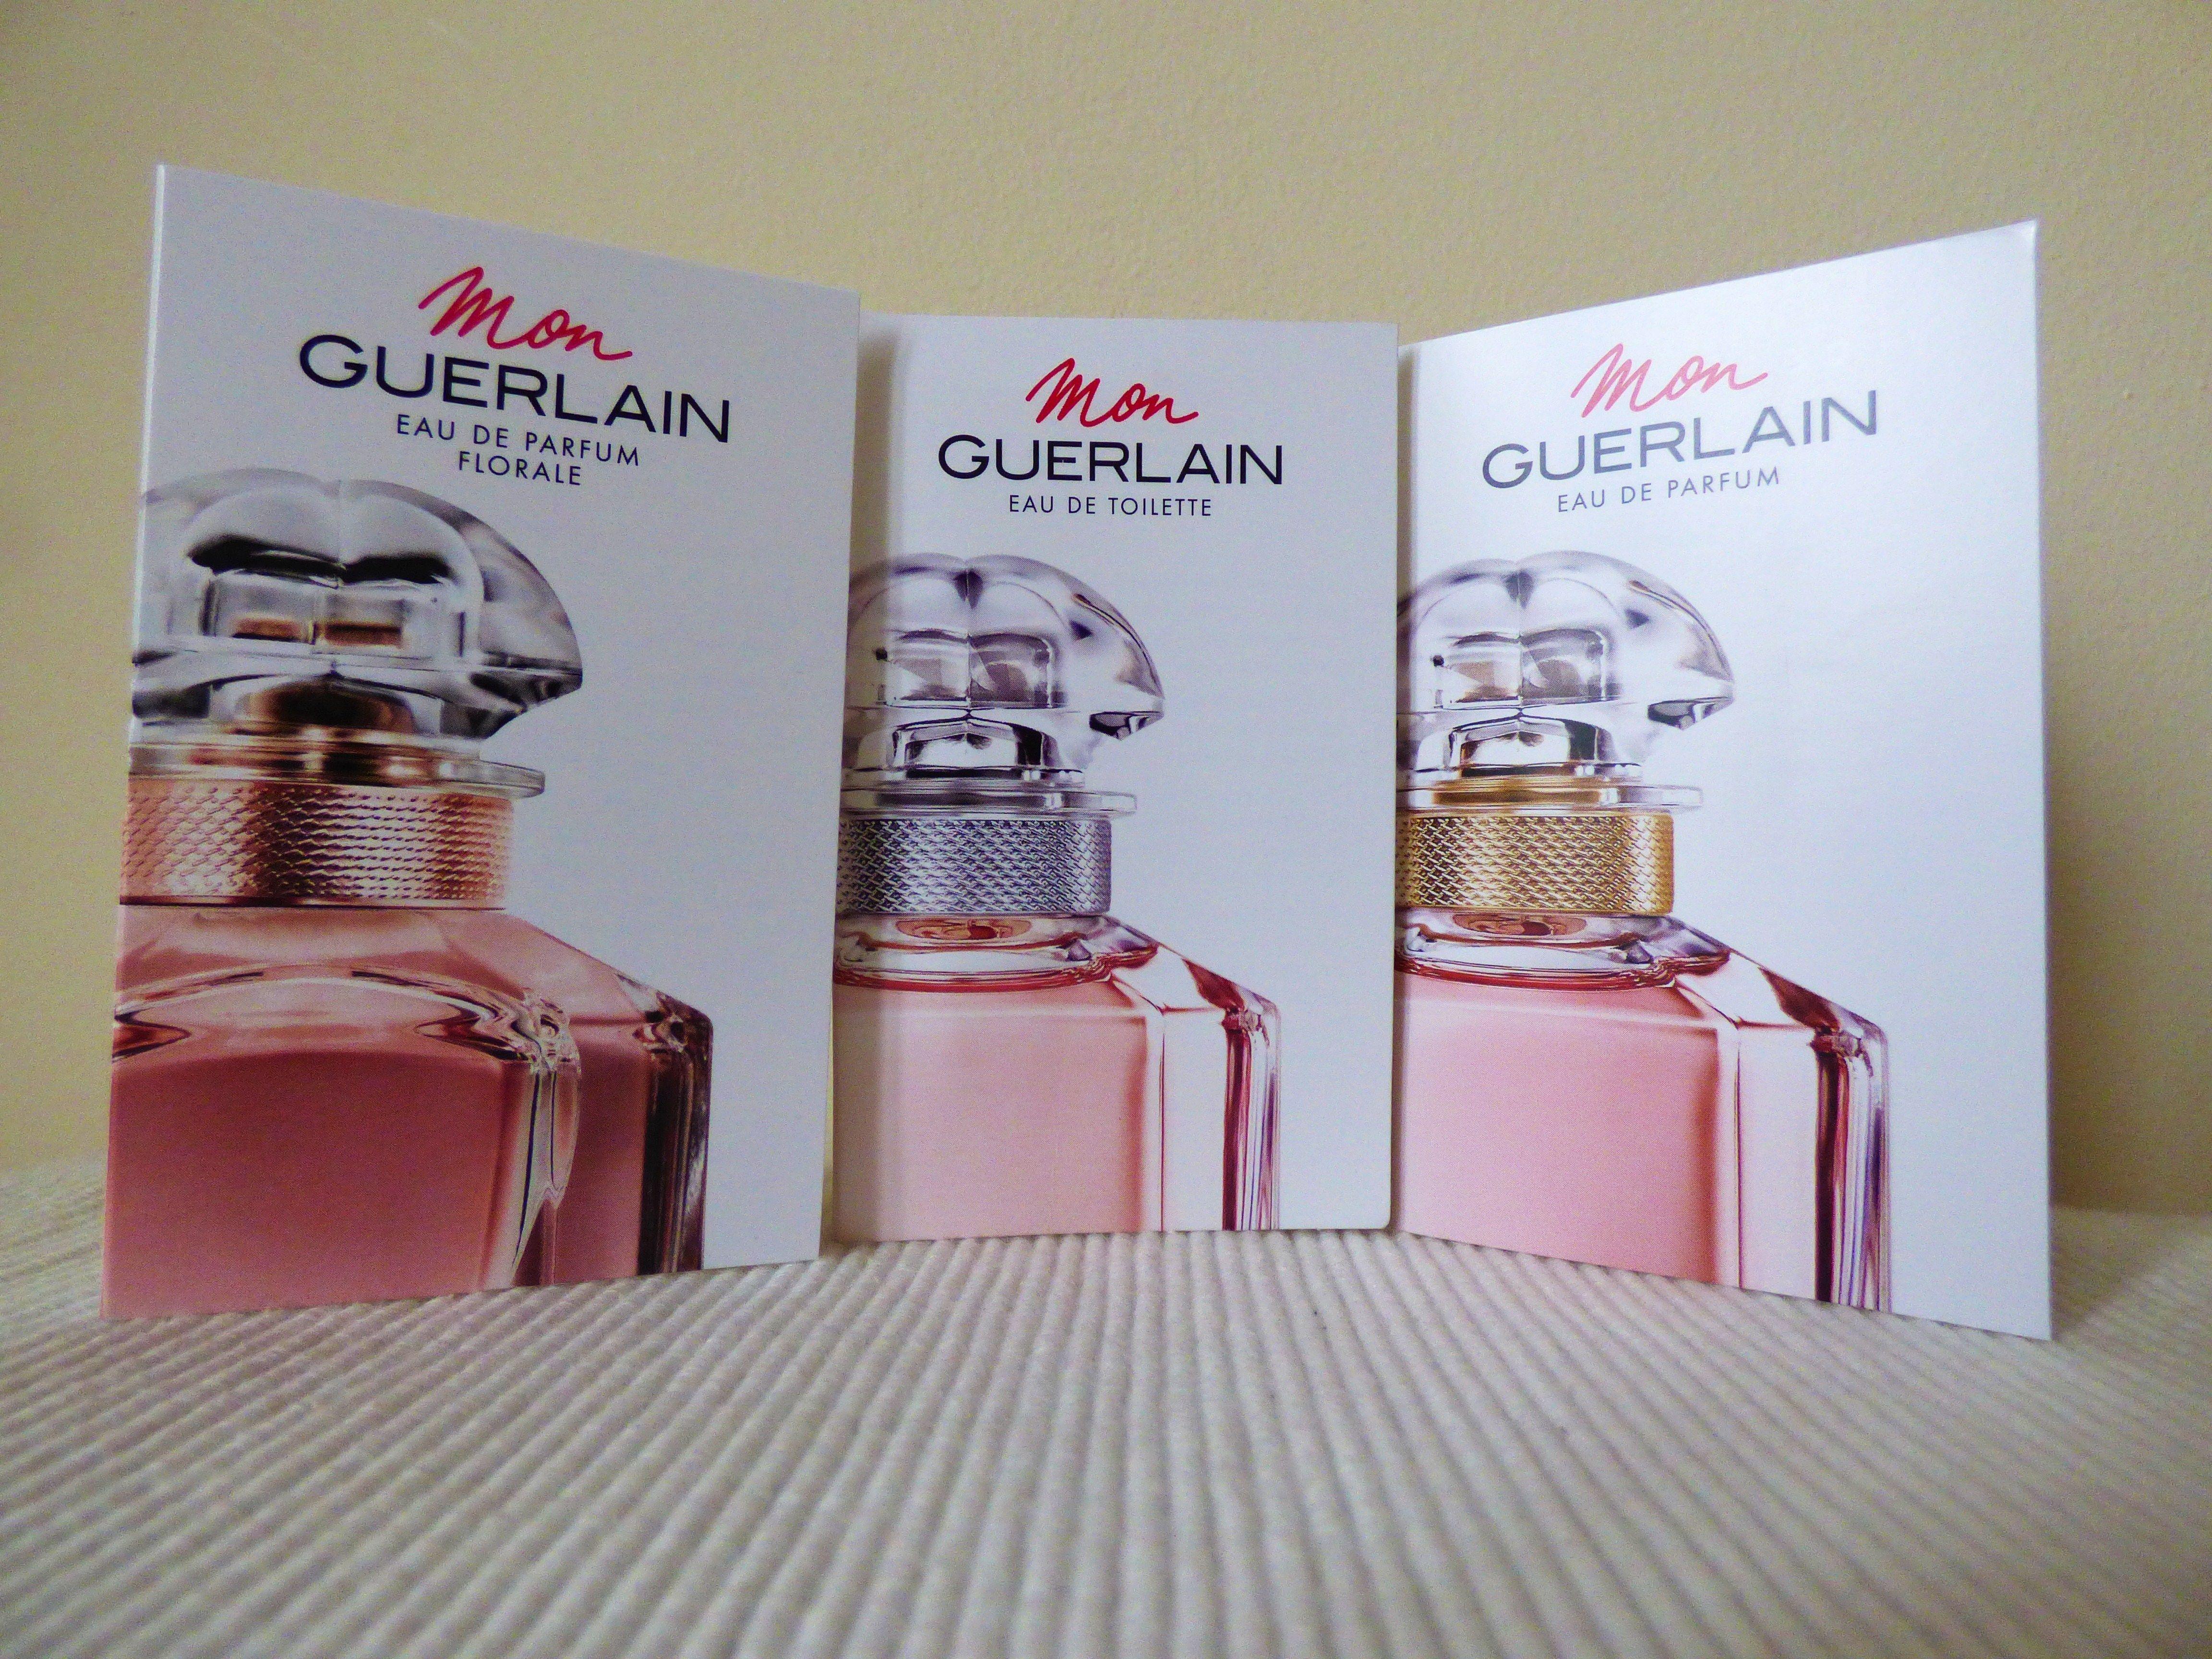 Parfum Testeur Guerlain Offre Nouveau shBodtCxQr